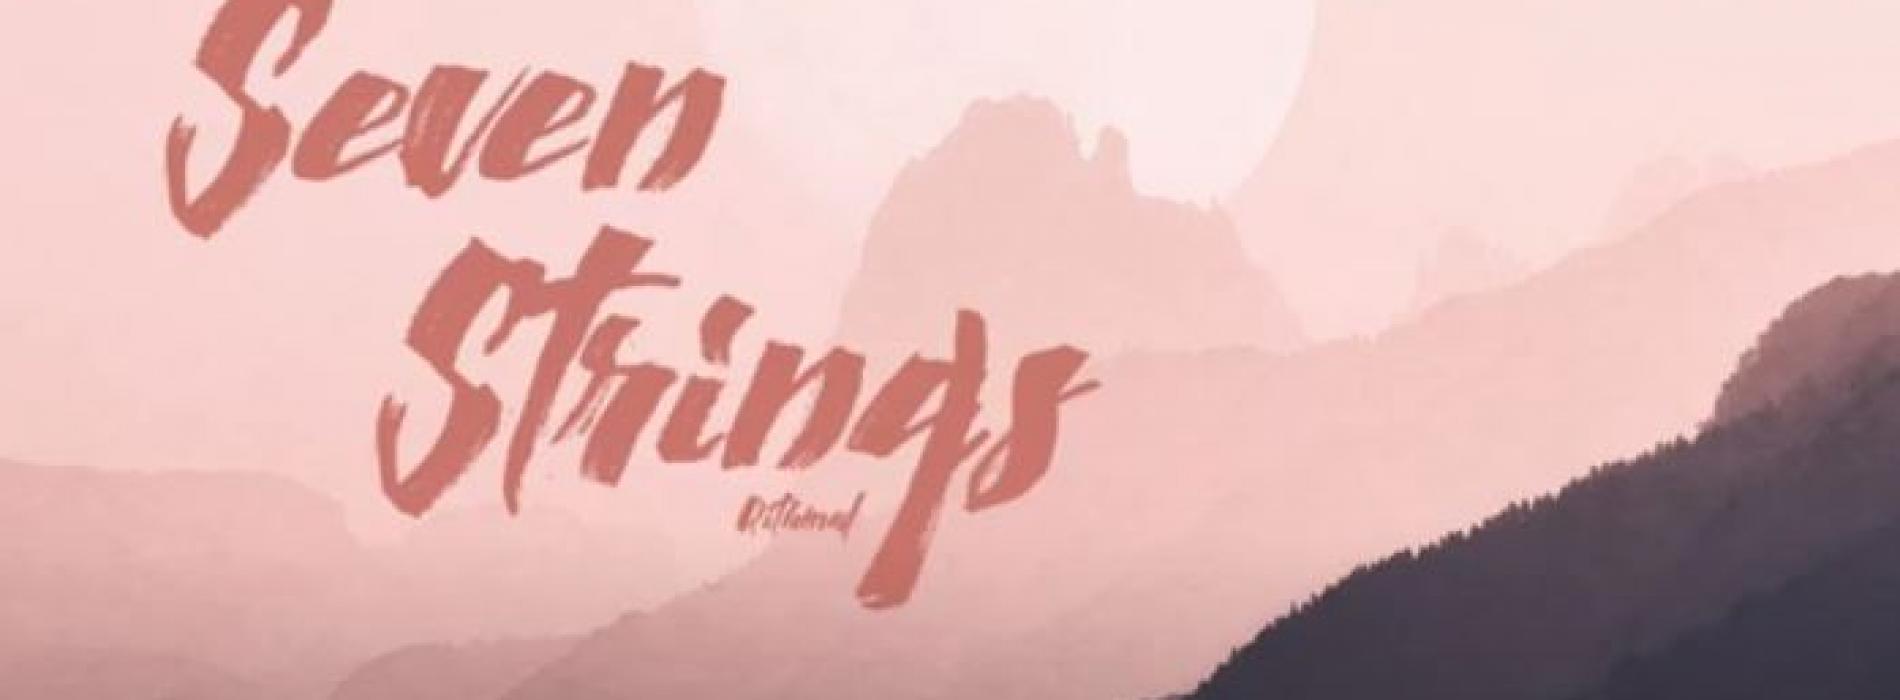 New Music : RITHMAL – Seven Strings